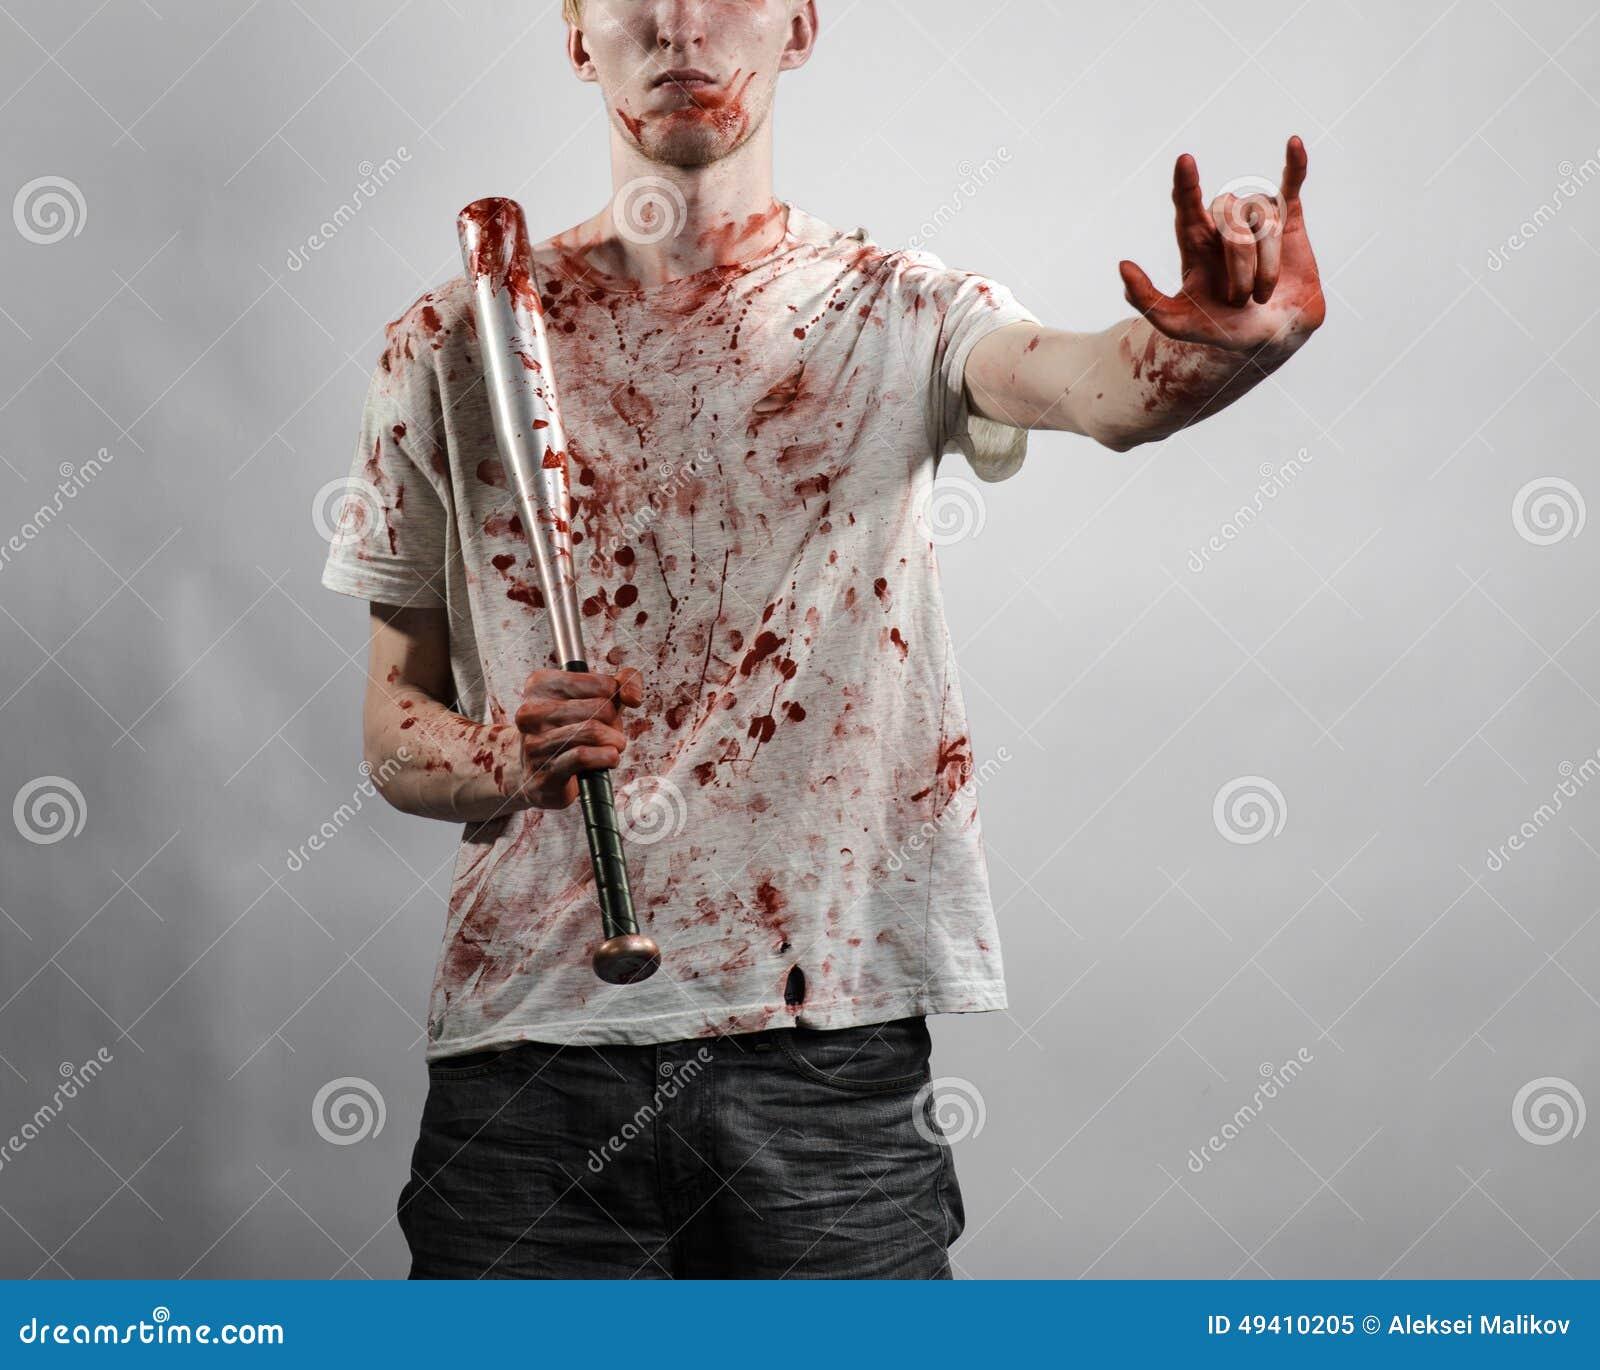 Download Blutiges Thema: Der Kerl In Einem Blutigen T-Shirt, Das Einen Blutigen Schläger Auf Einem Weißen Hintergrund Hält Stockbild - Bild von rowdy, gefahr: 49410205